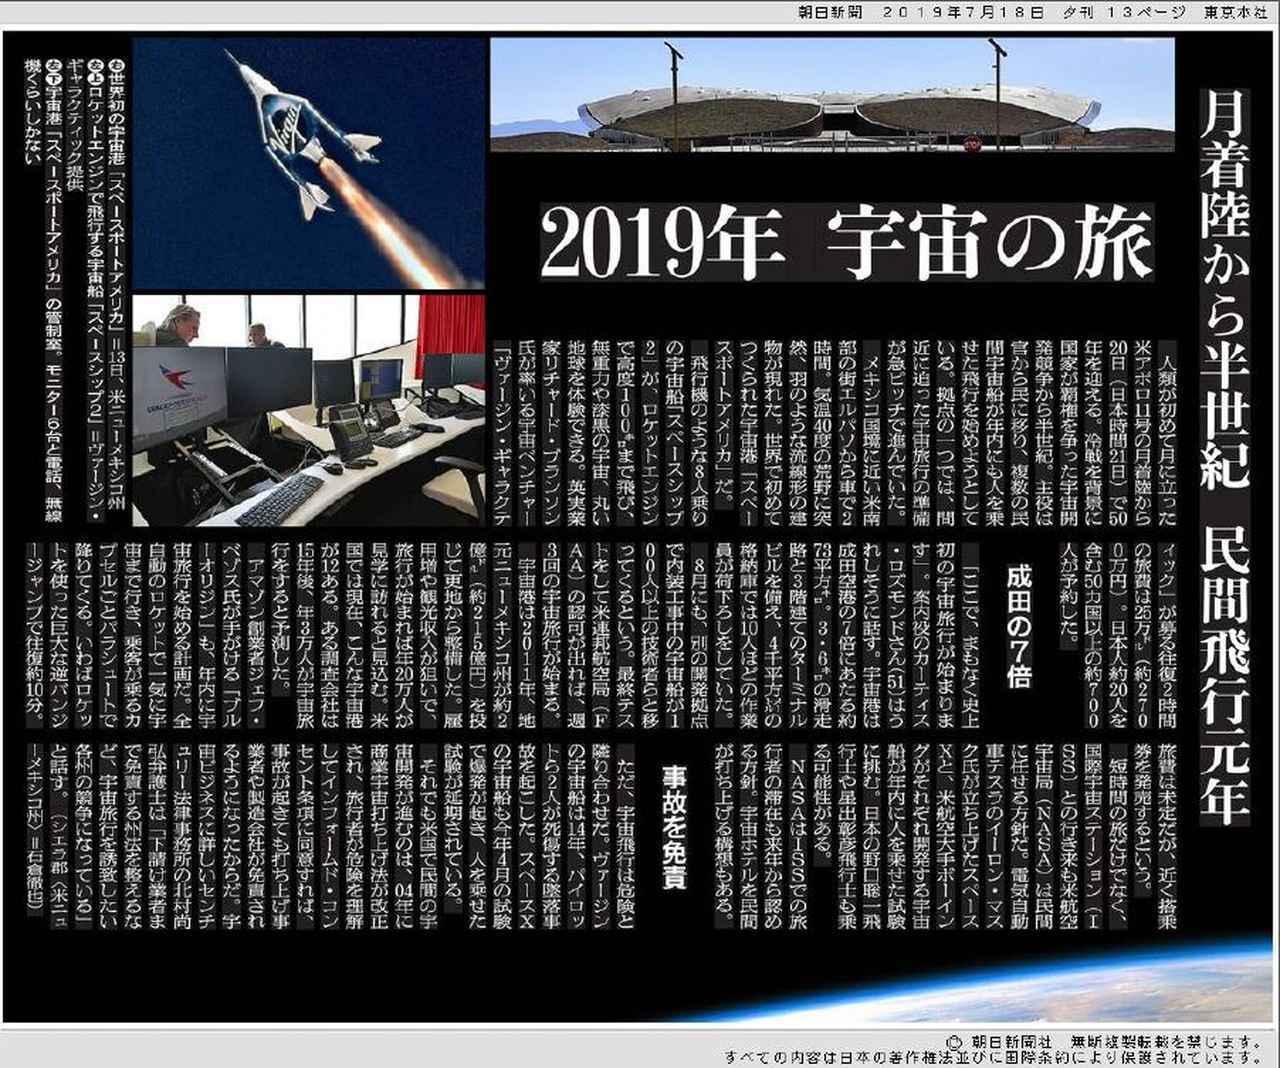 画像: 朝日新聞が紹介 世界初の民間宇宙港「スペースポートアメリカ」